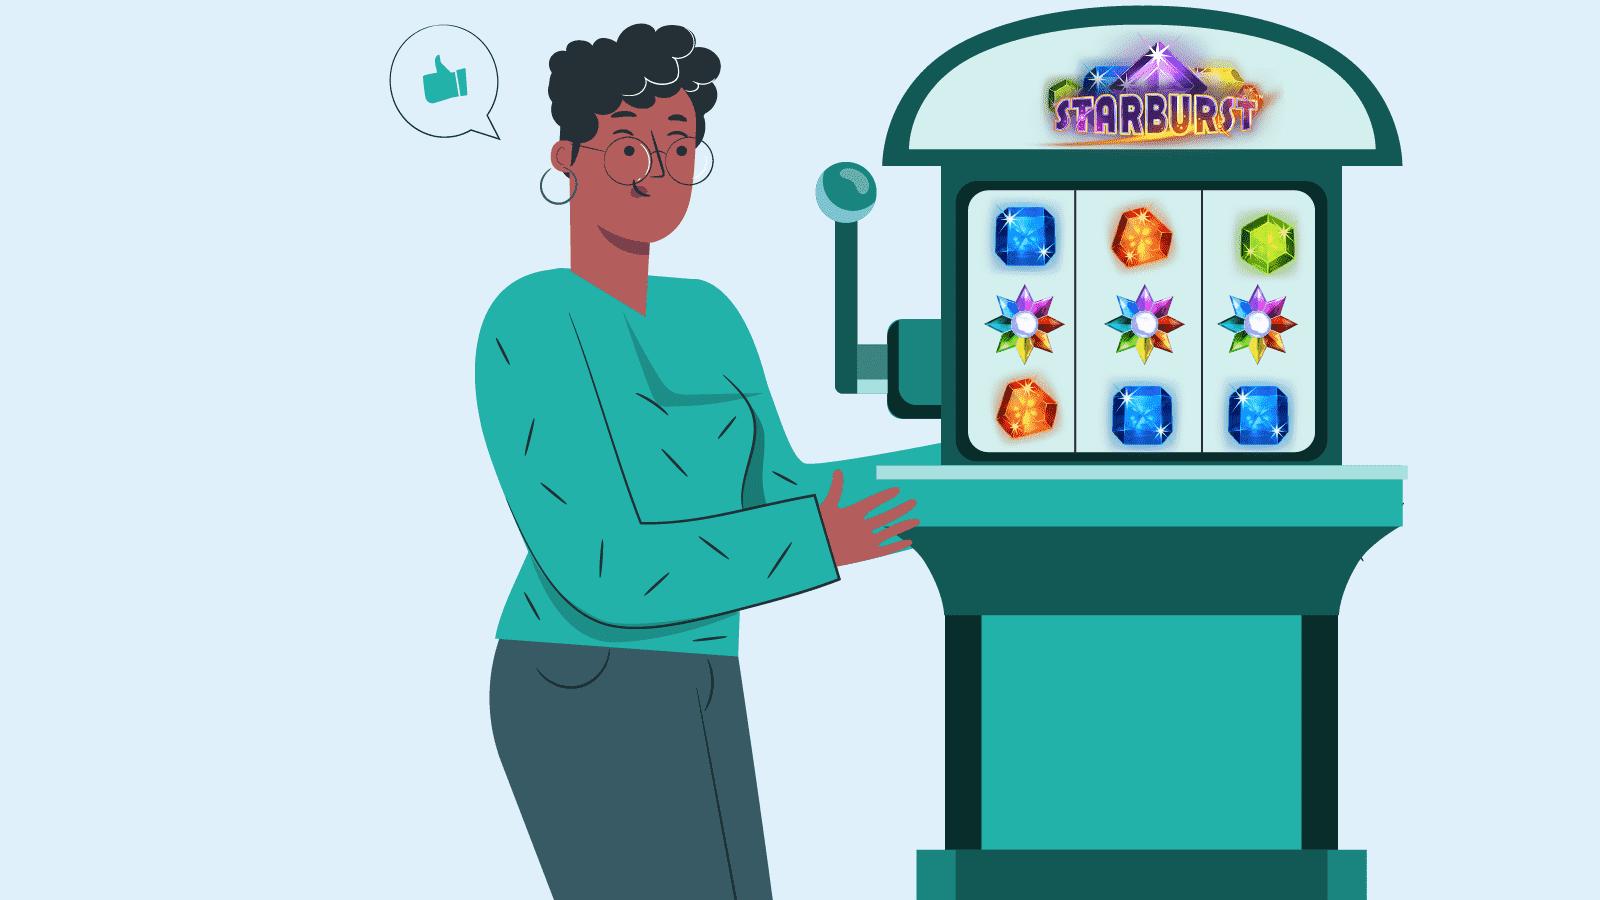 Get familiar with Starburst slot machine